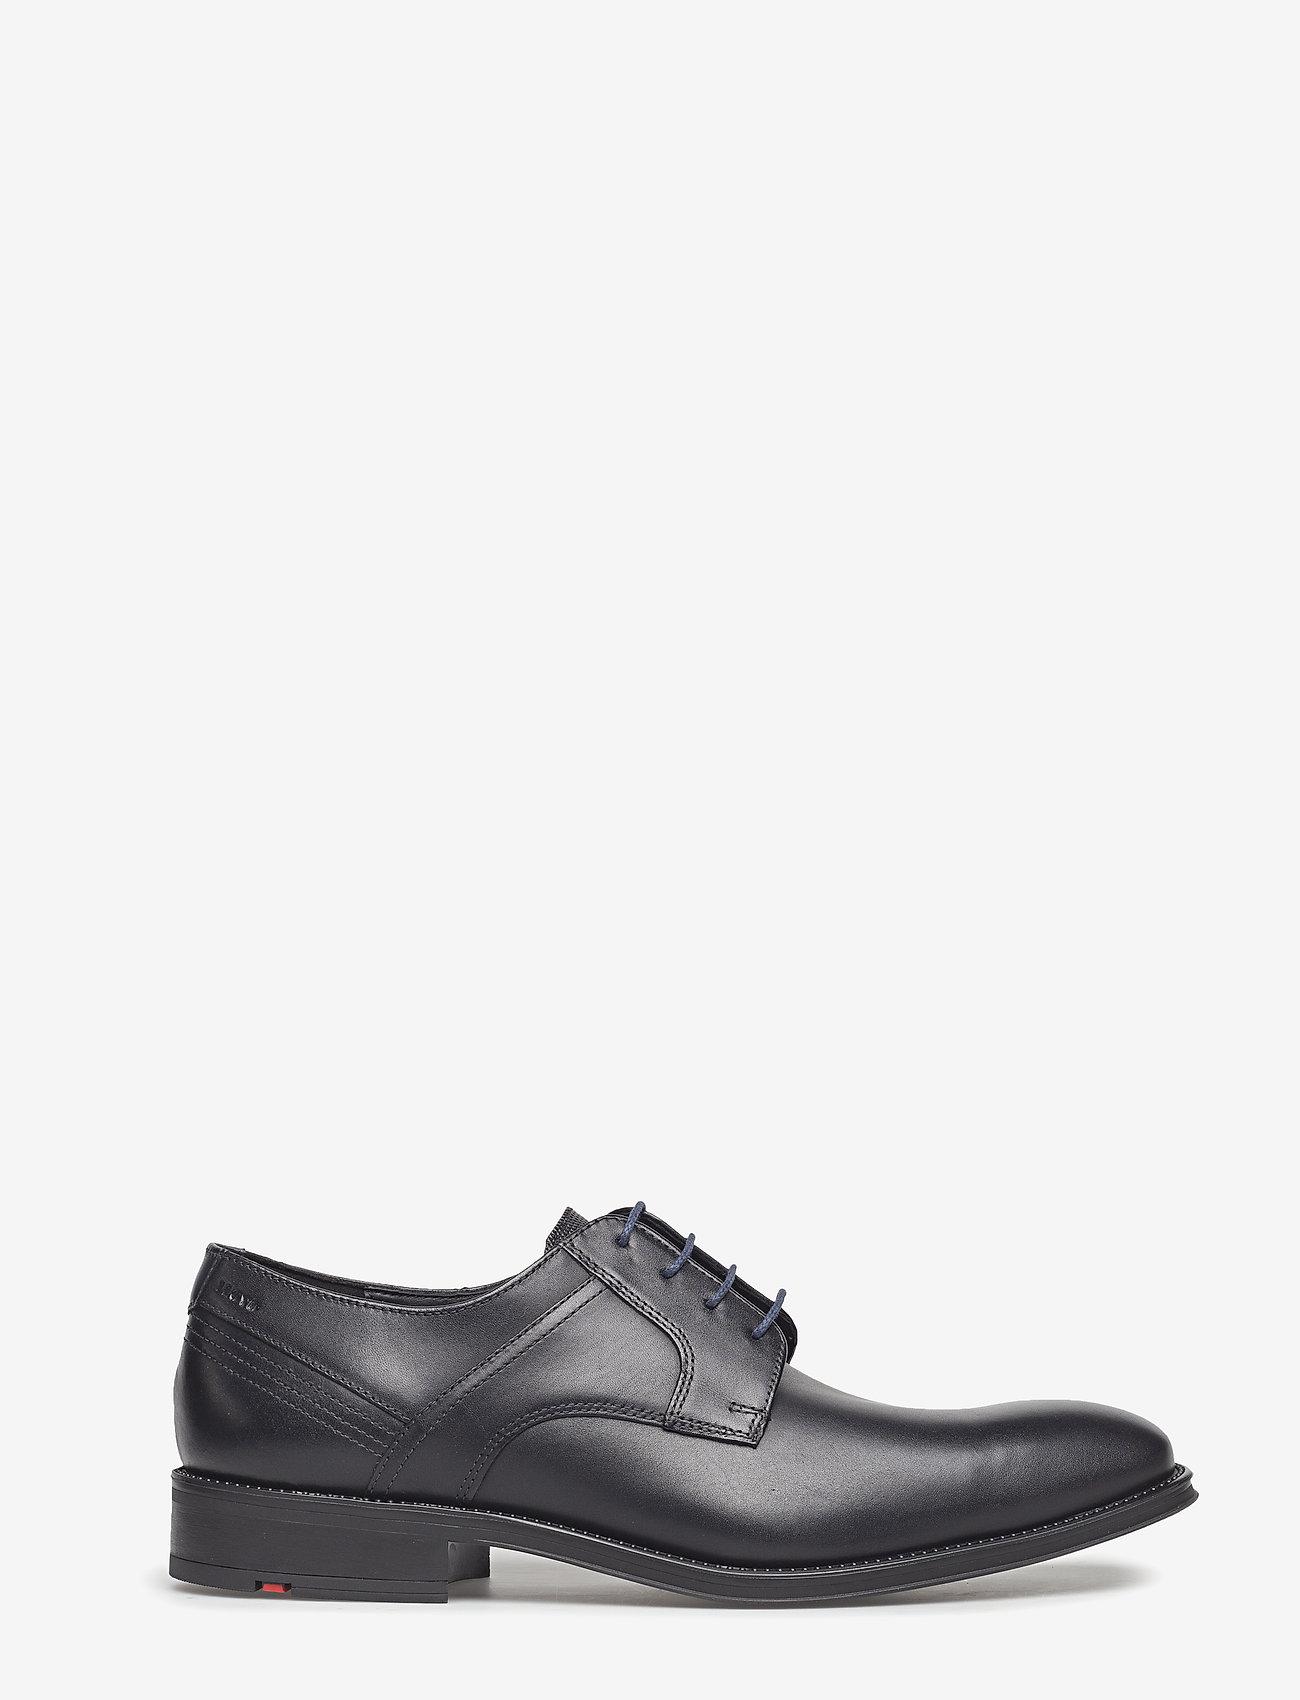 Lloyd - GALA - laced shoes - 0 - schwarz/midnight - 1